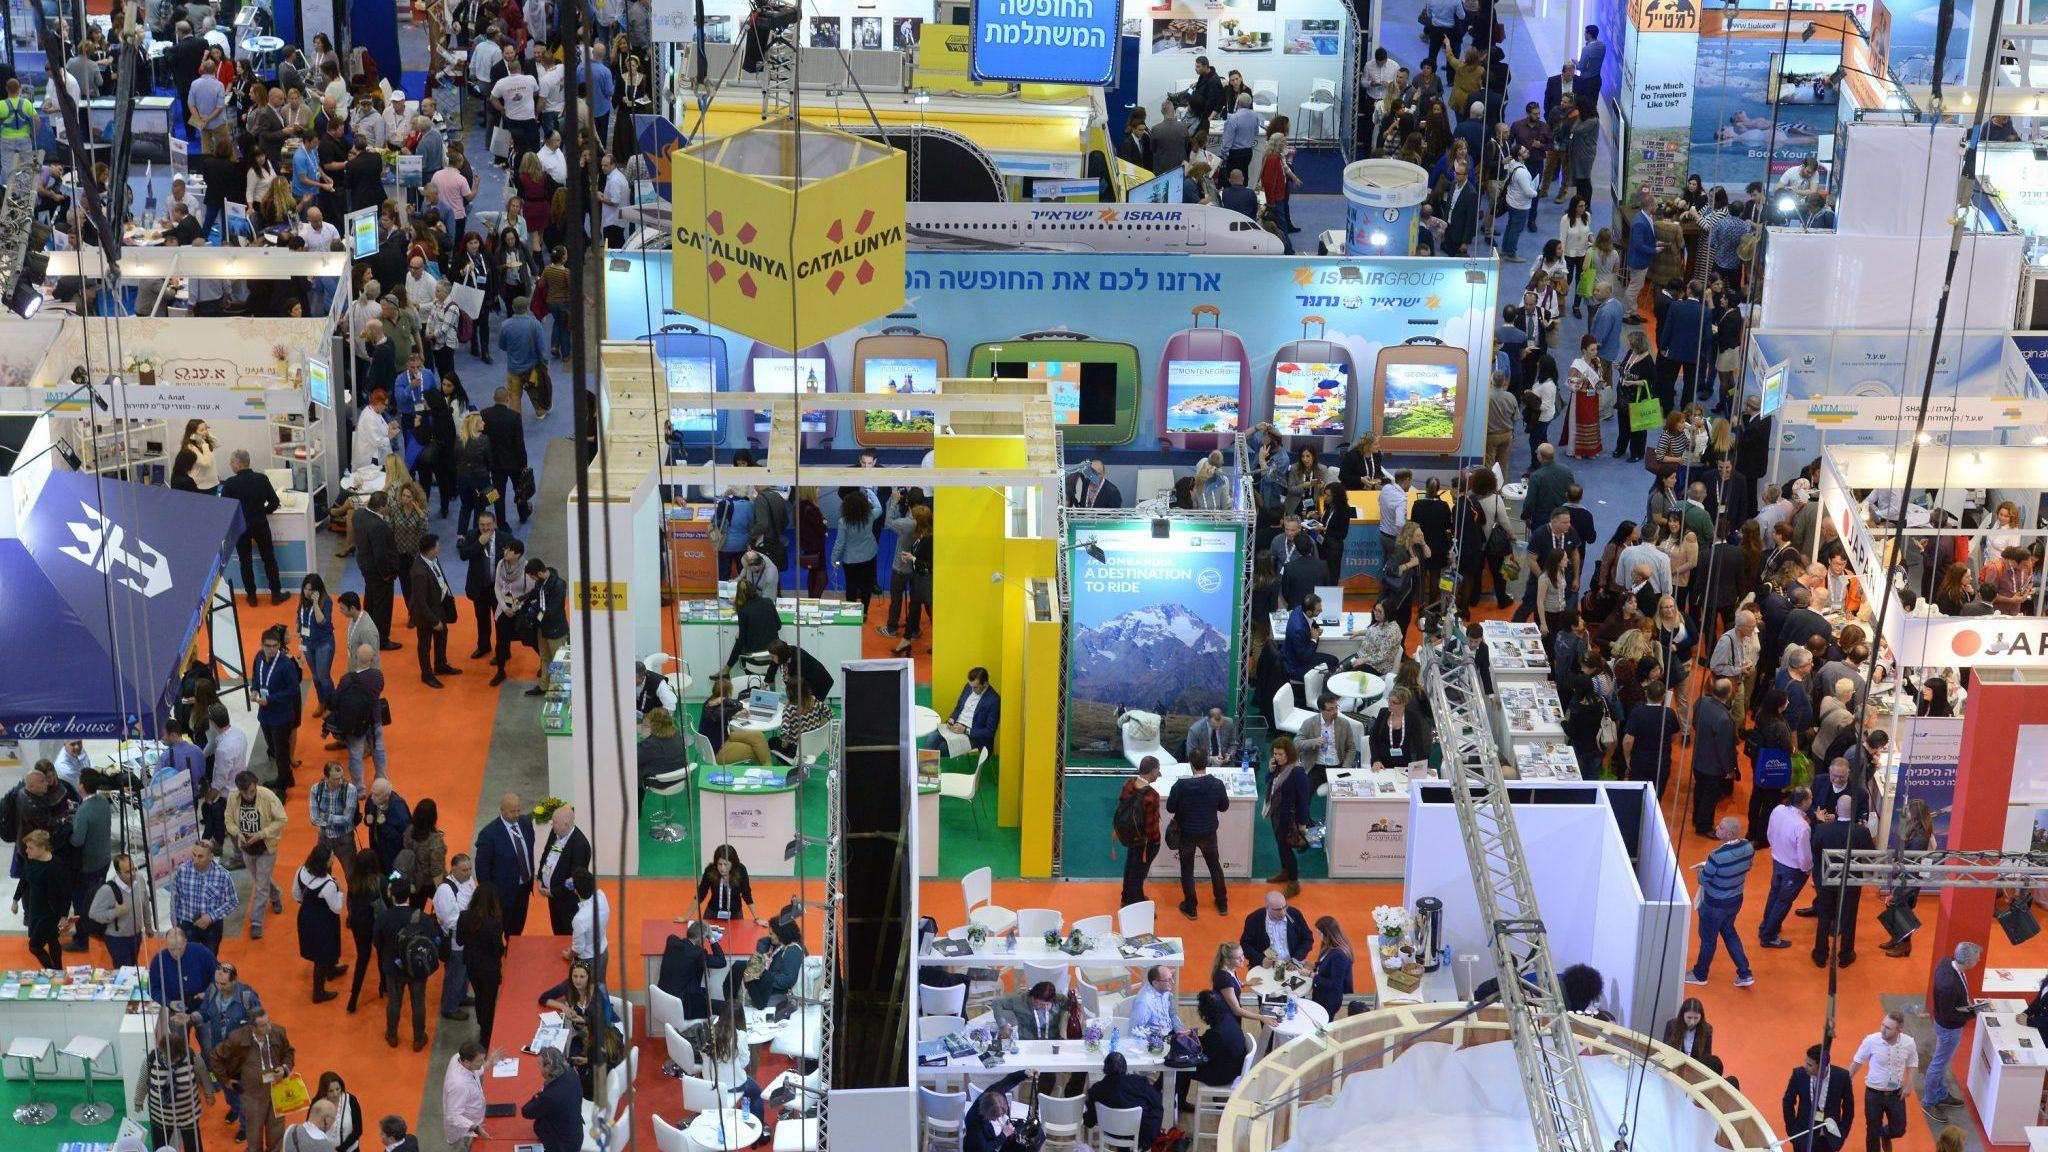 מדינות הקווקז מגיעות לכבוש את התייר הישראלי בתערוכת התיירות השנתית שתערך בגני התערוכה